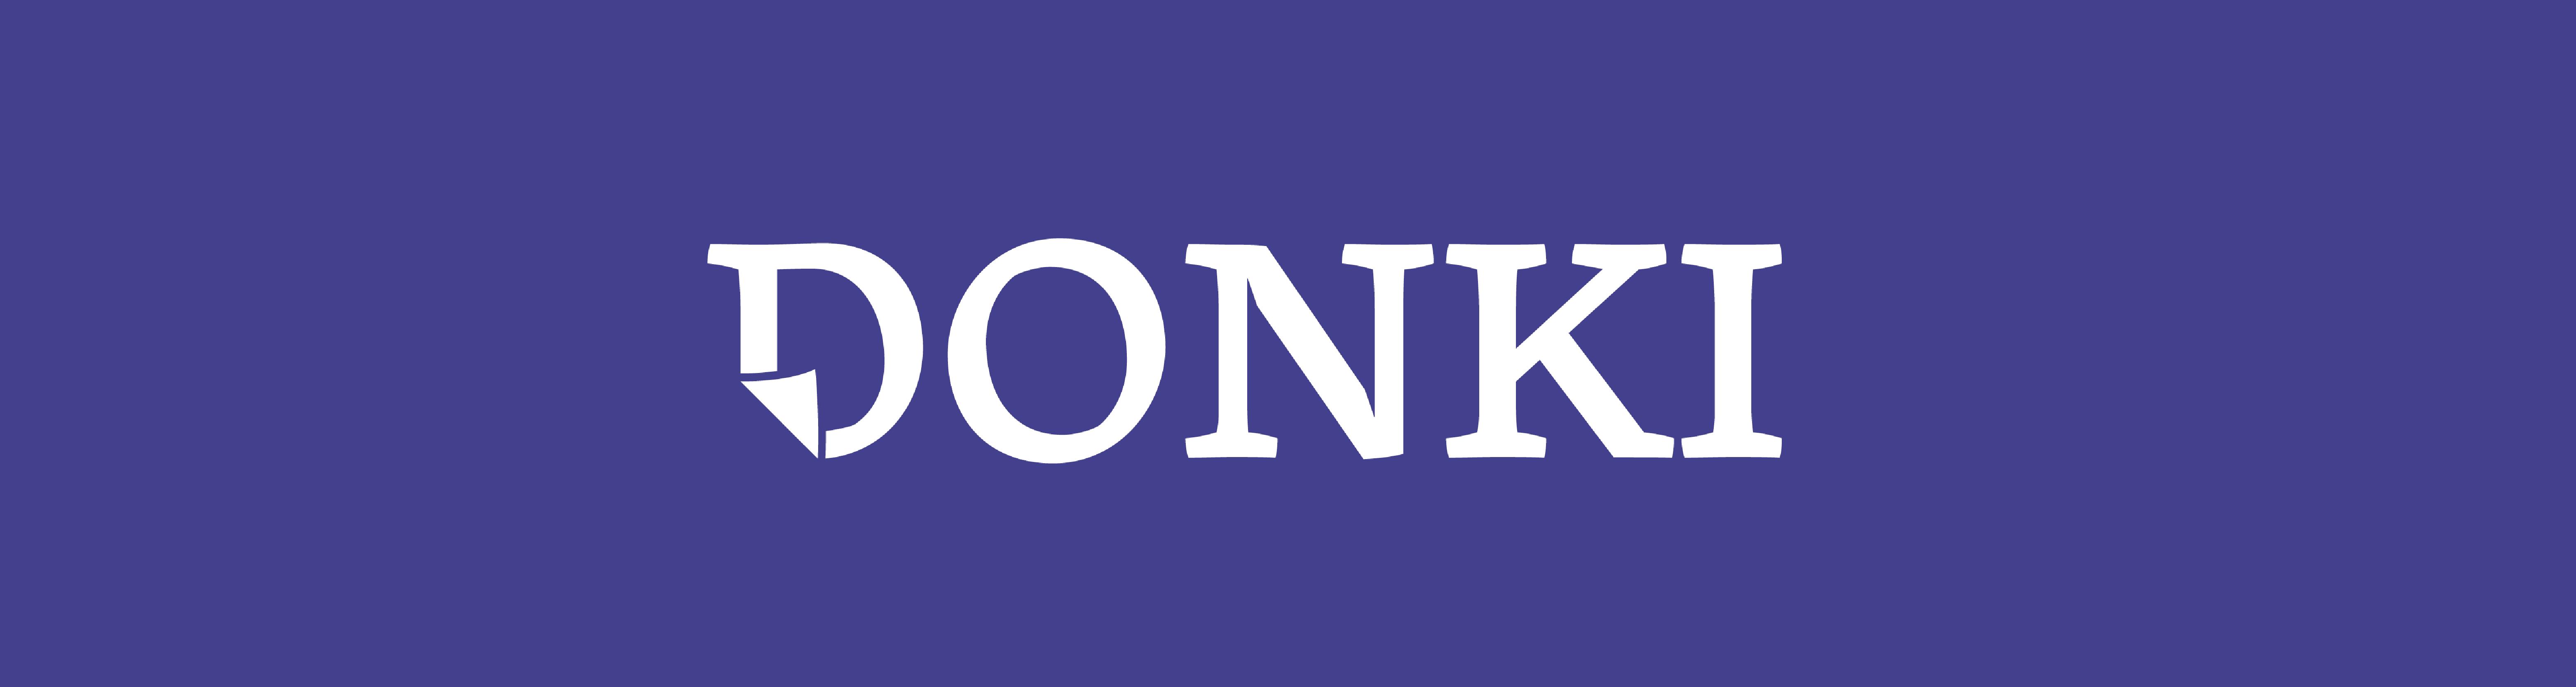 Titel-Donki